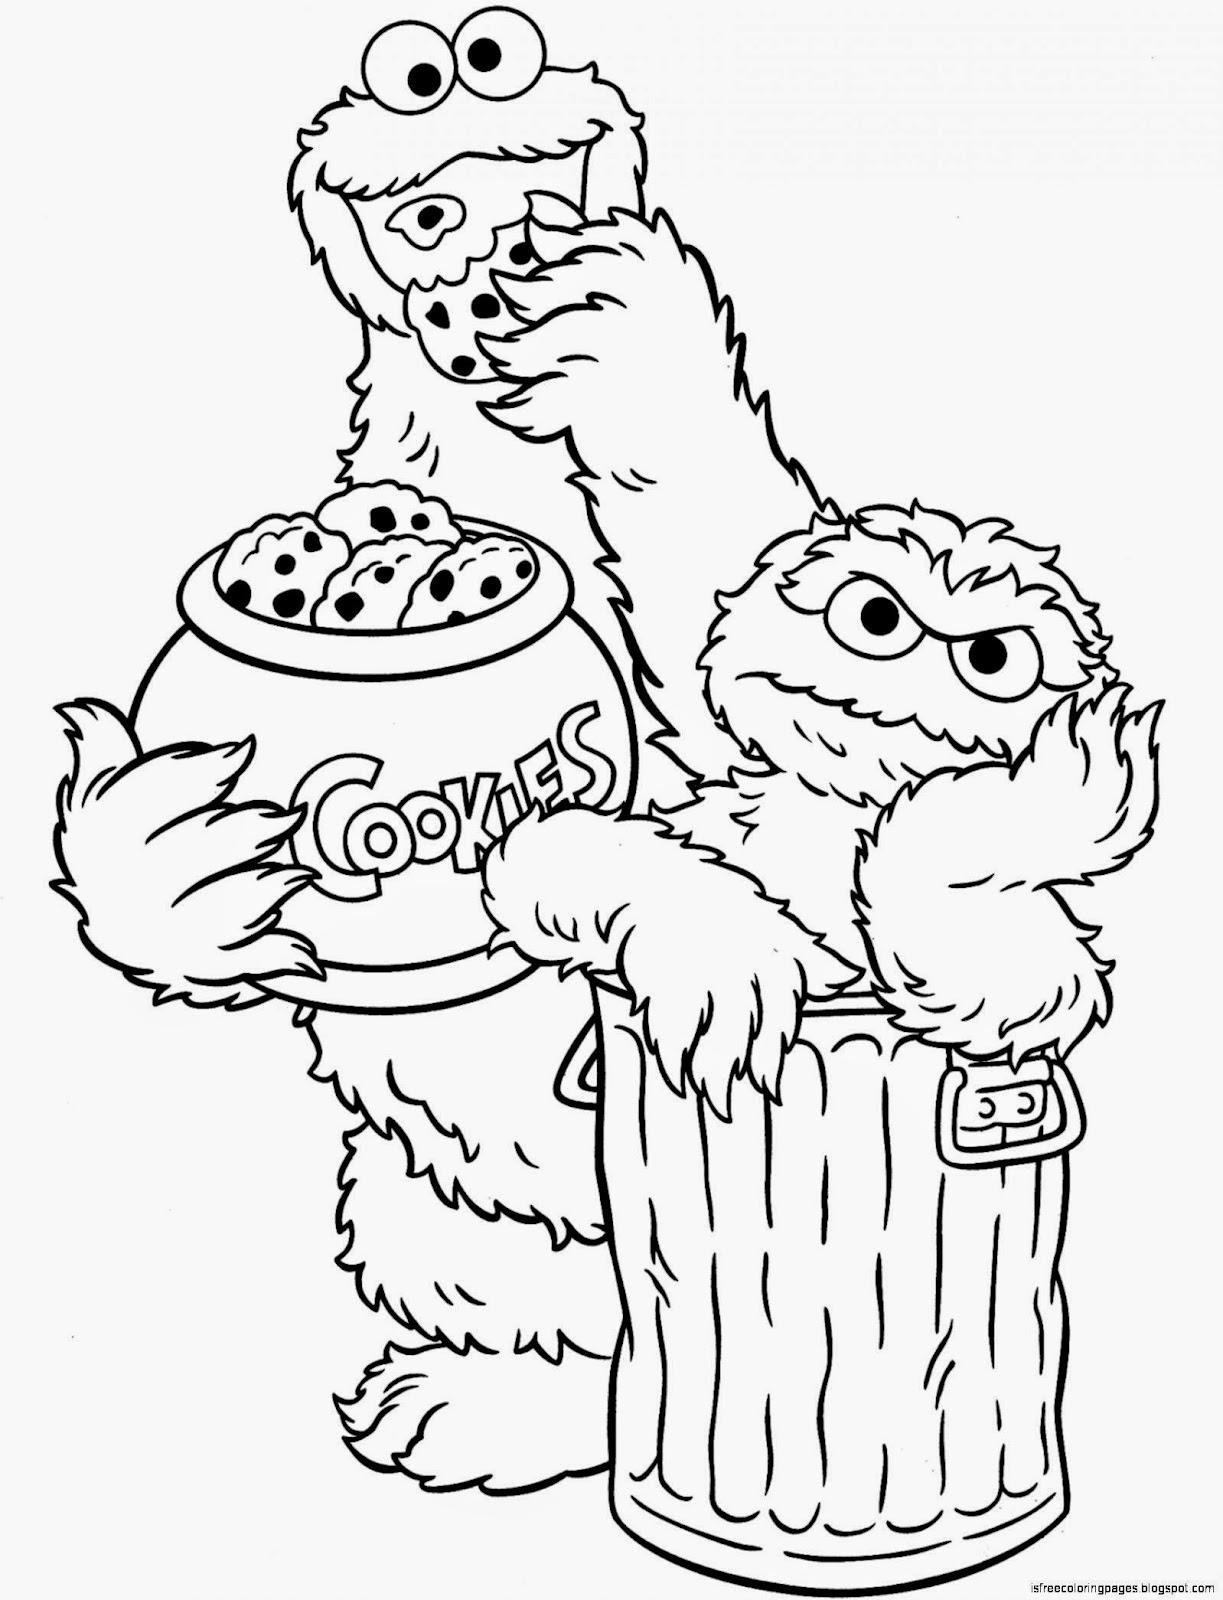 Sesame Street Coloring Pages - Kidsuki